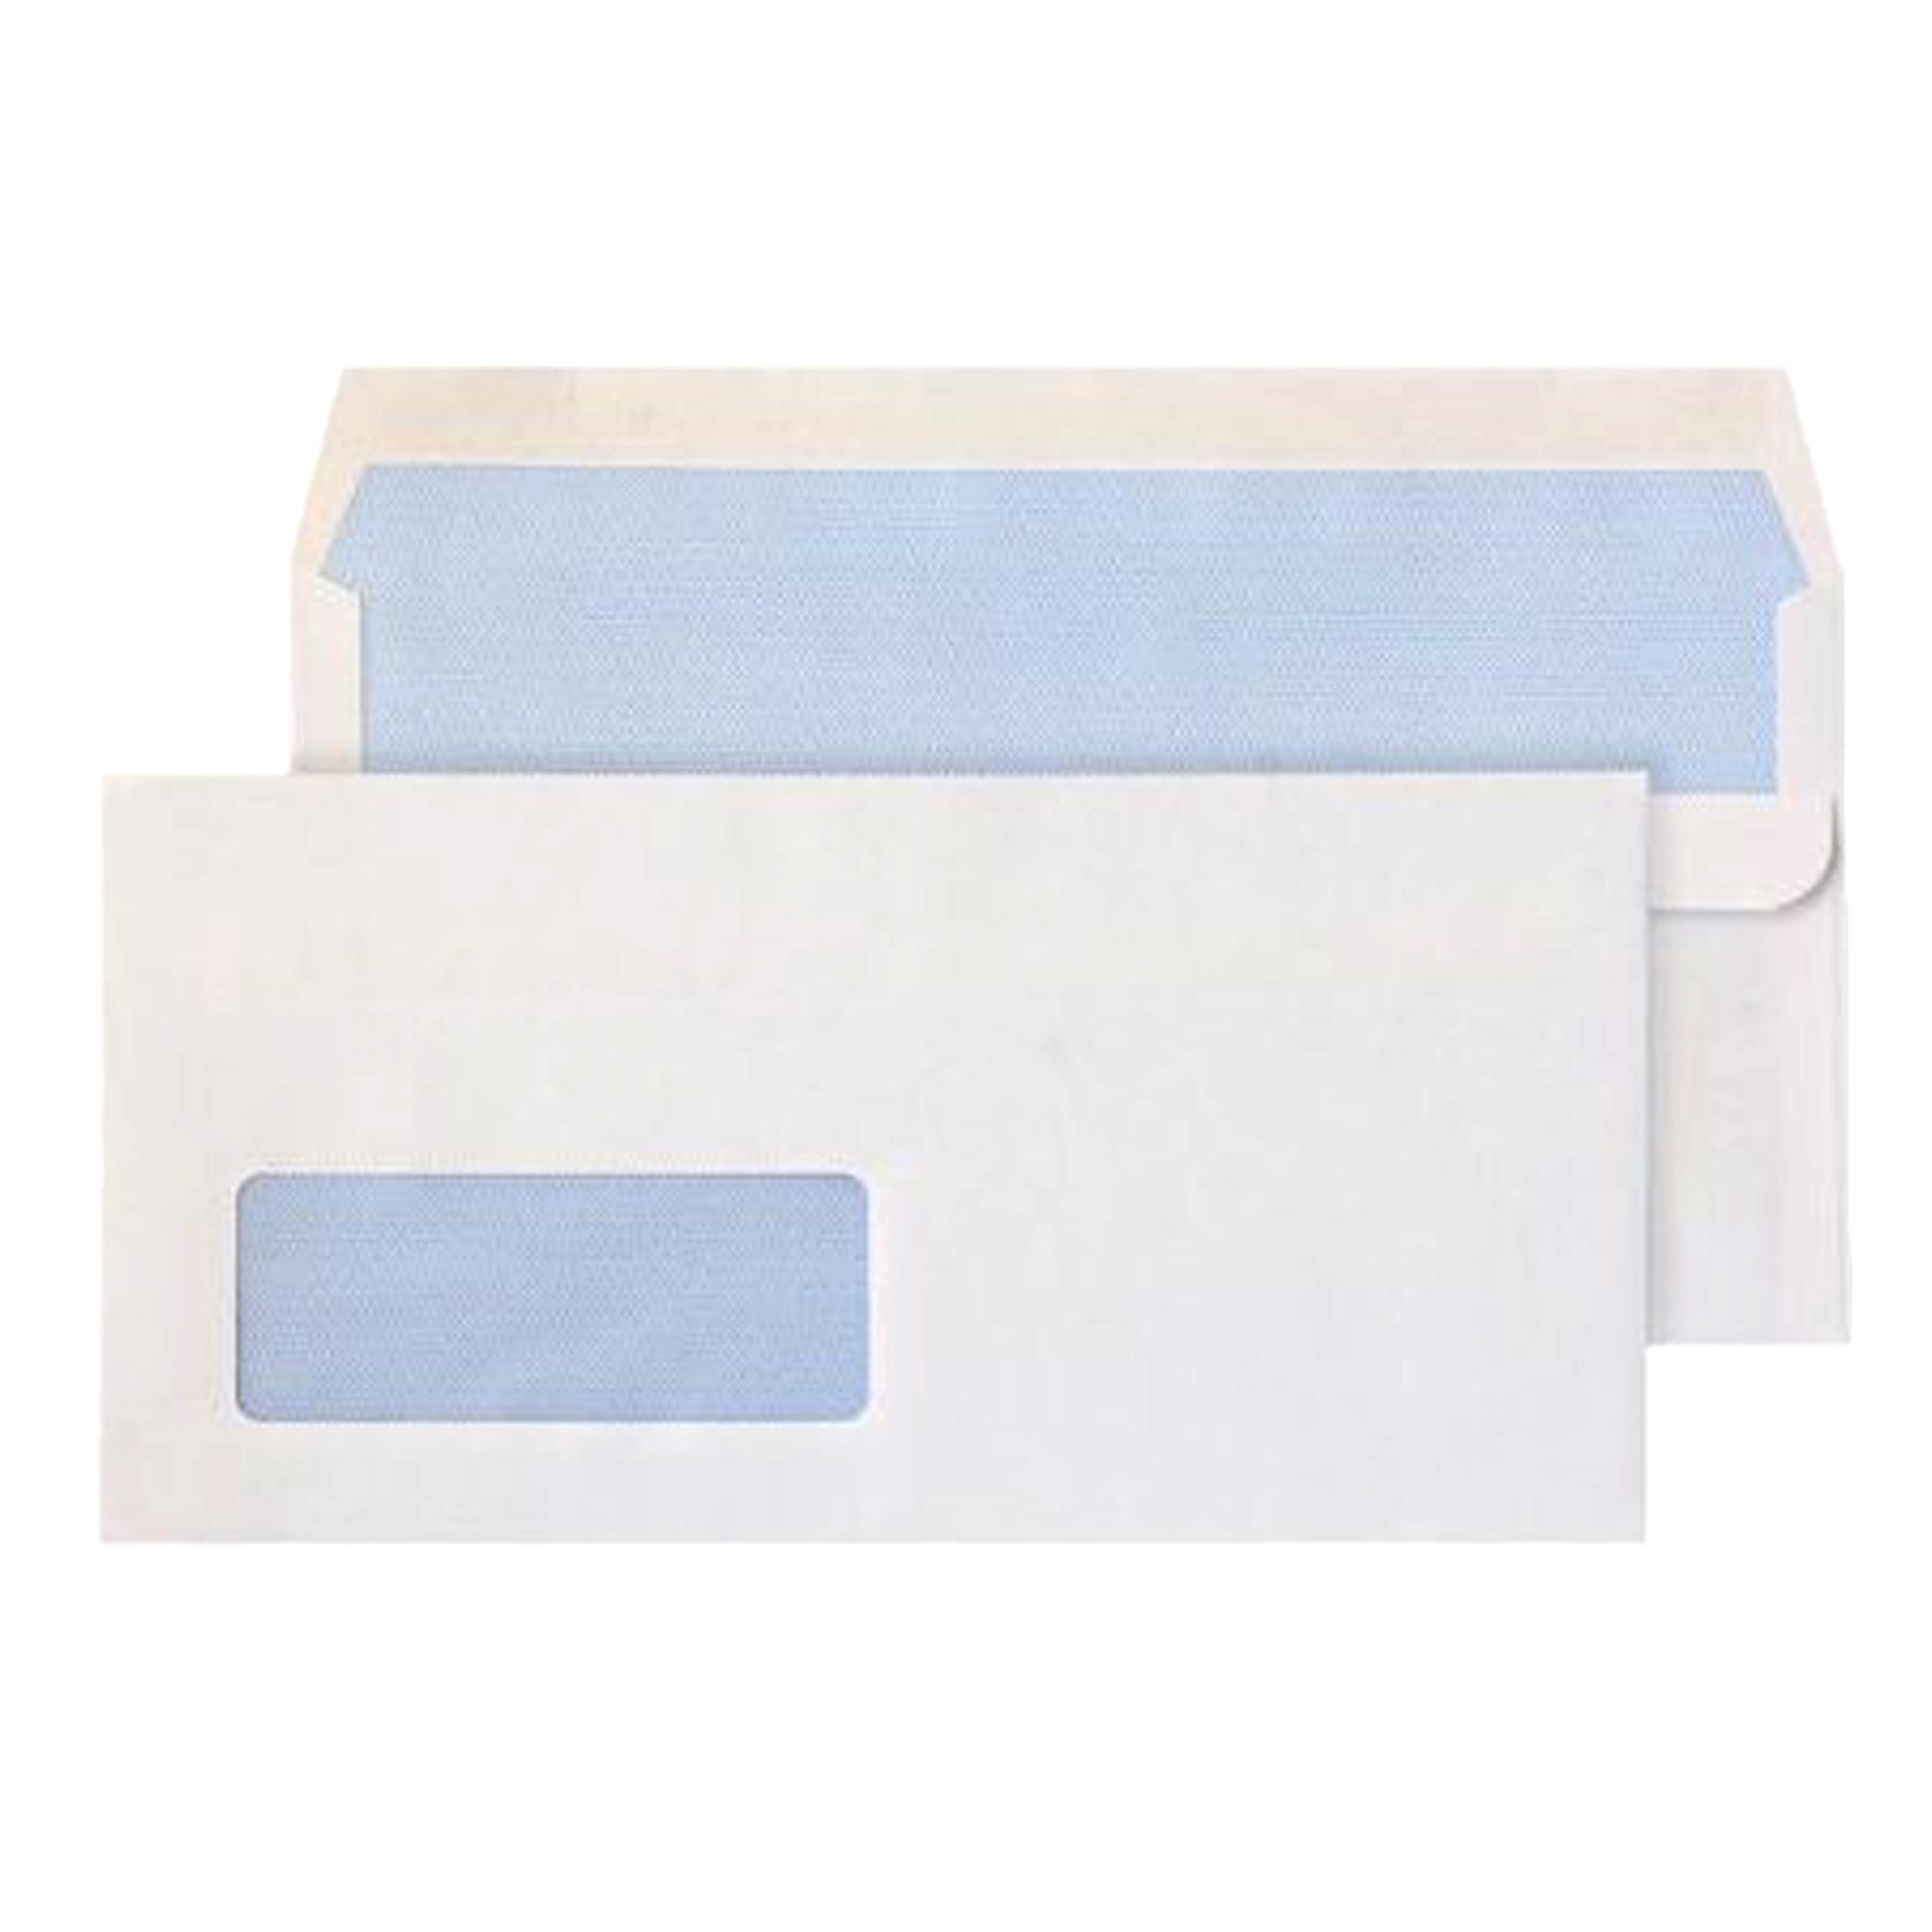 Premium White DL Business Envelopes